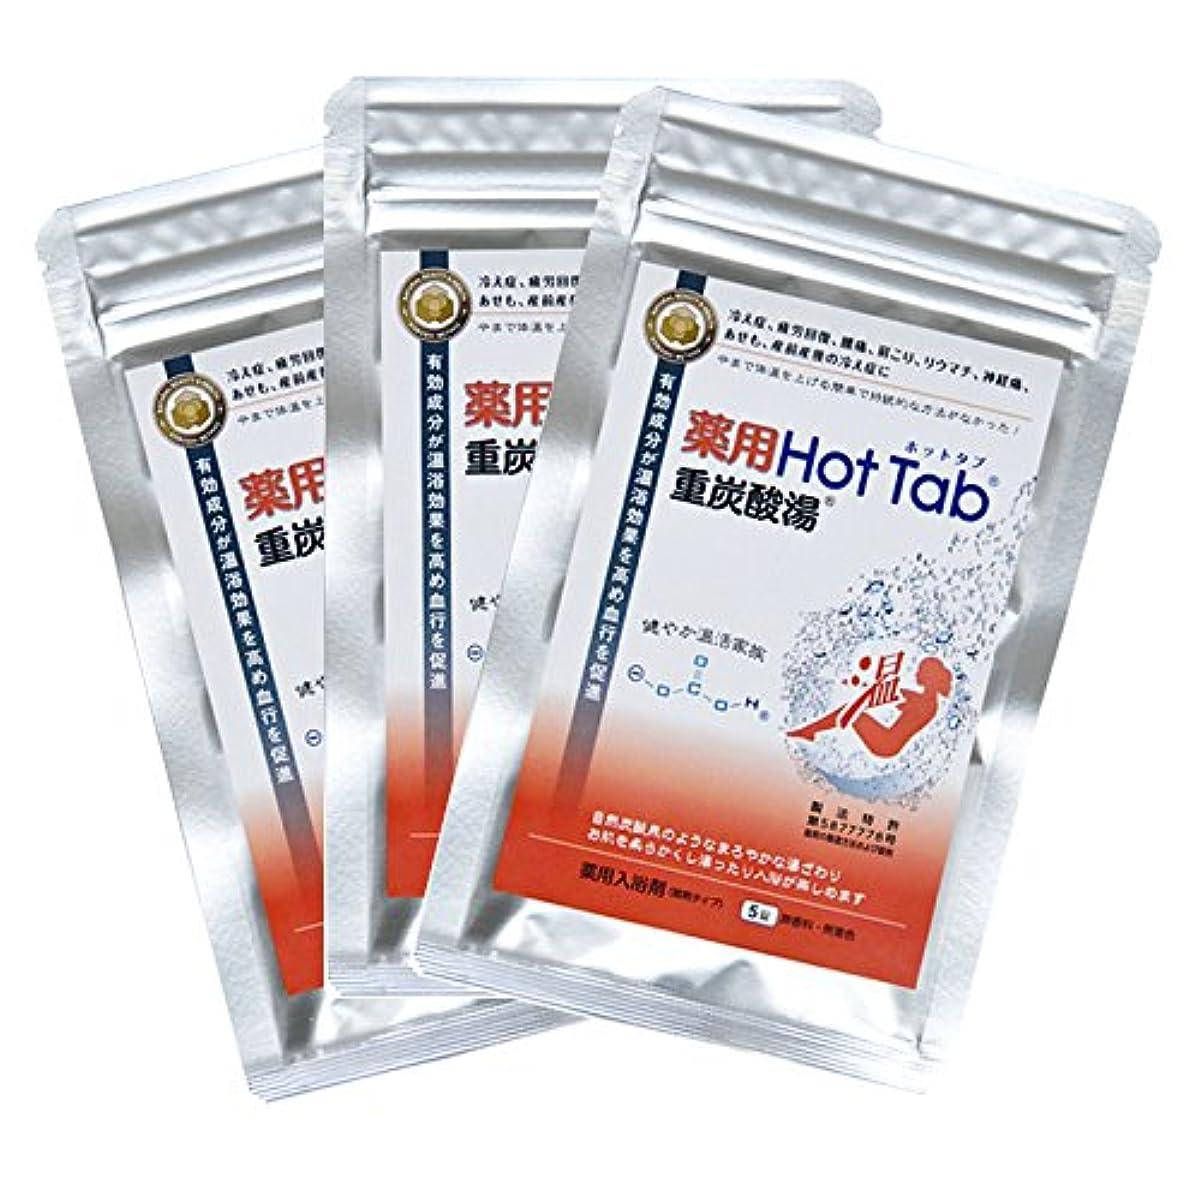 と組む動作上薬用 Hot Tab 重炭酸湯 5錠入りx3セット